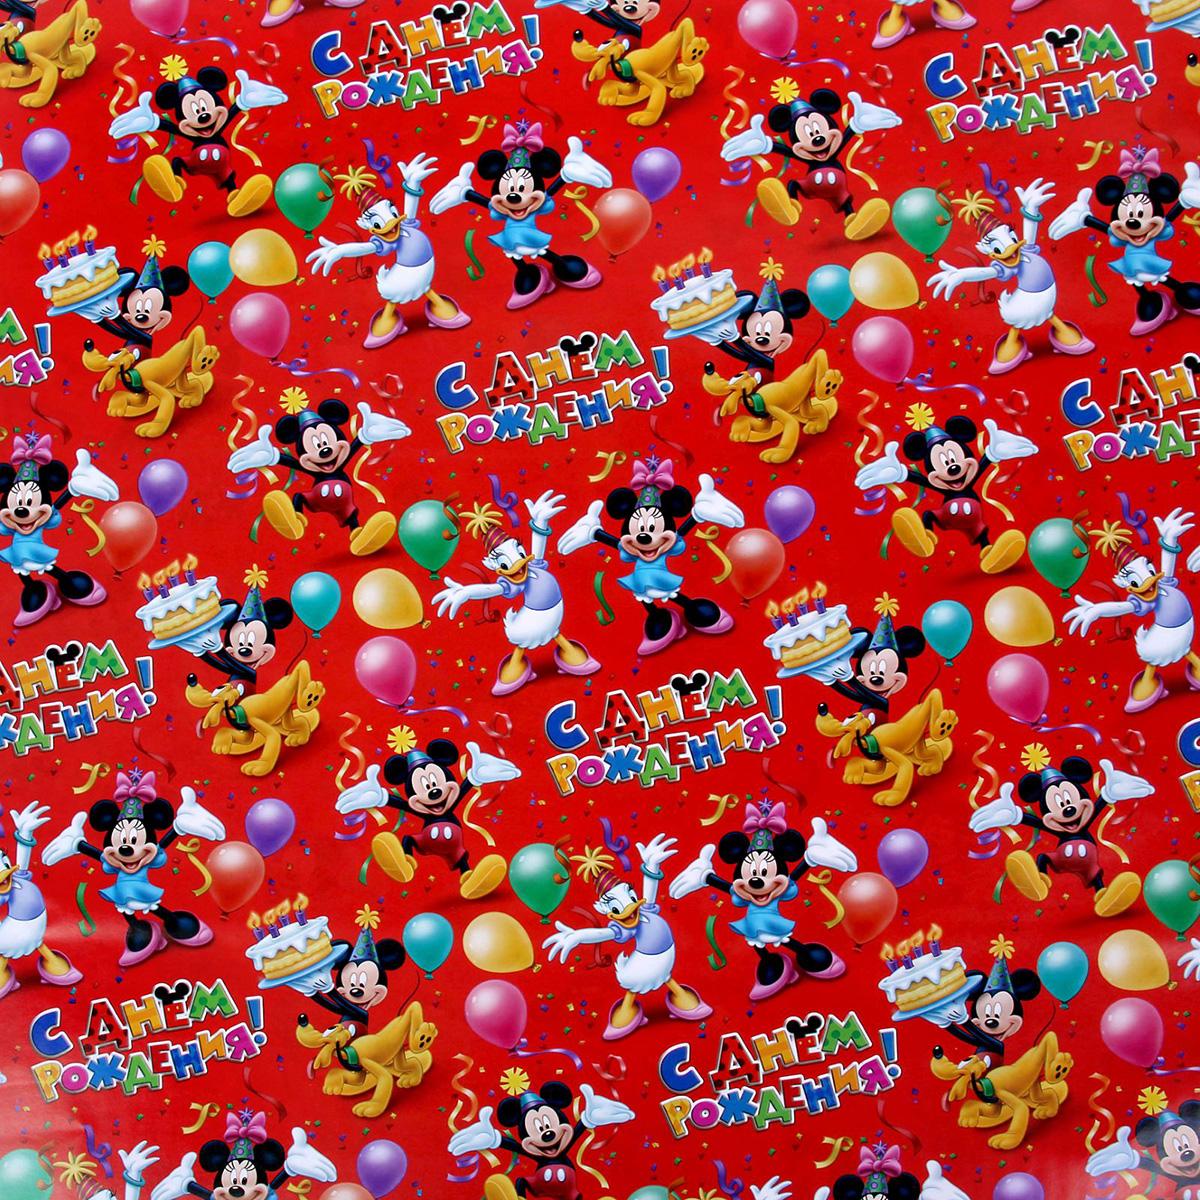 Бумага упаковочная Disney С Днем Рождения. Микки Маус и друзья, глянцевая, 70 х 100 см. 1122648 бумага упаковочная disney с днем рождения самая милая минни маус глянцевая 70 х 100 см 2390649